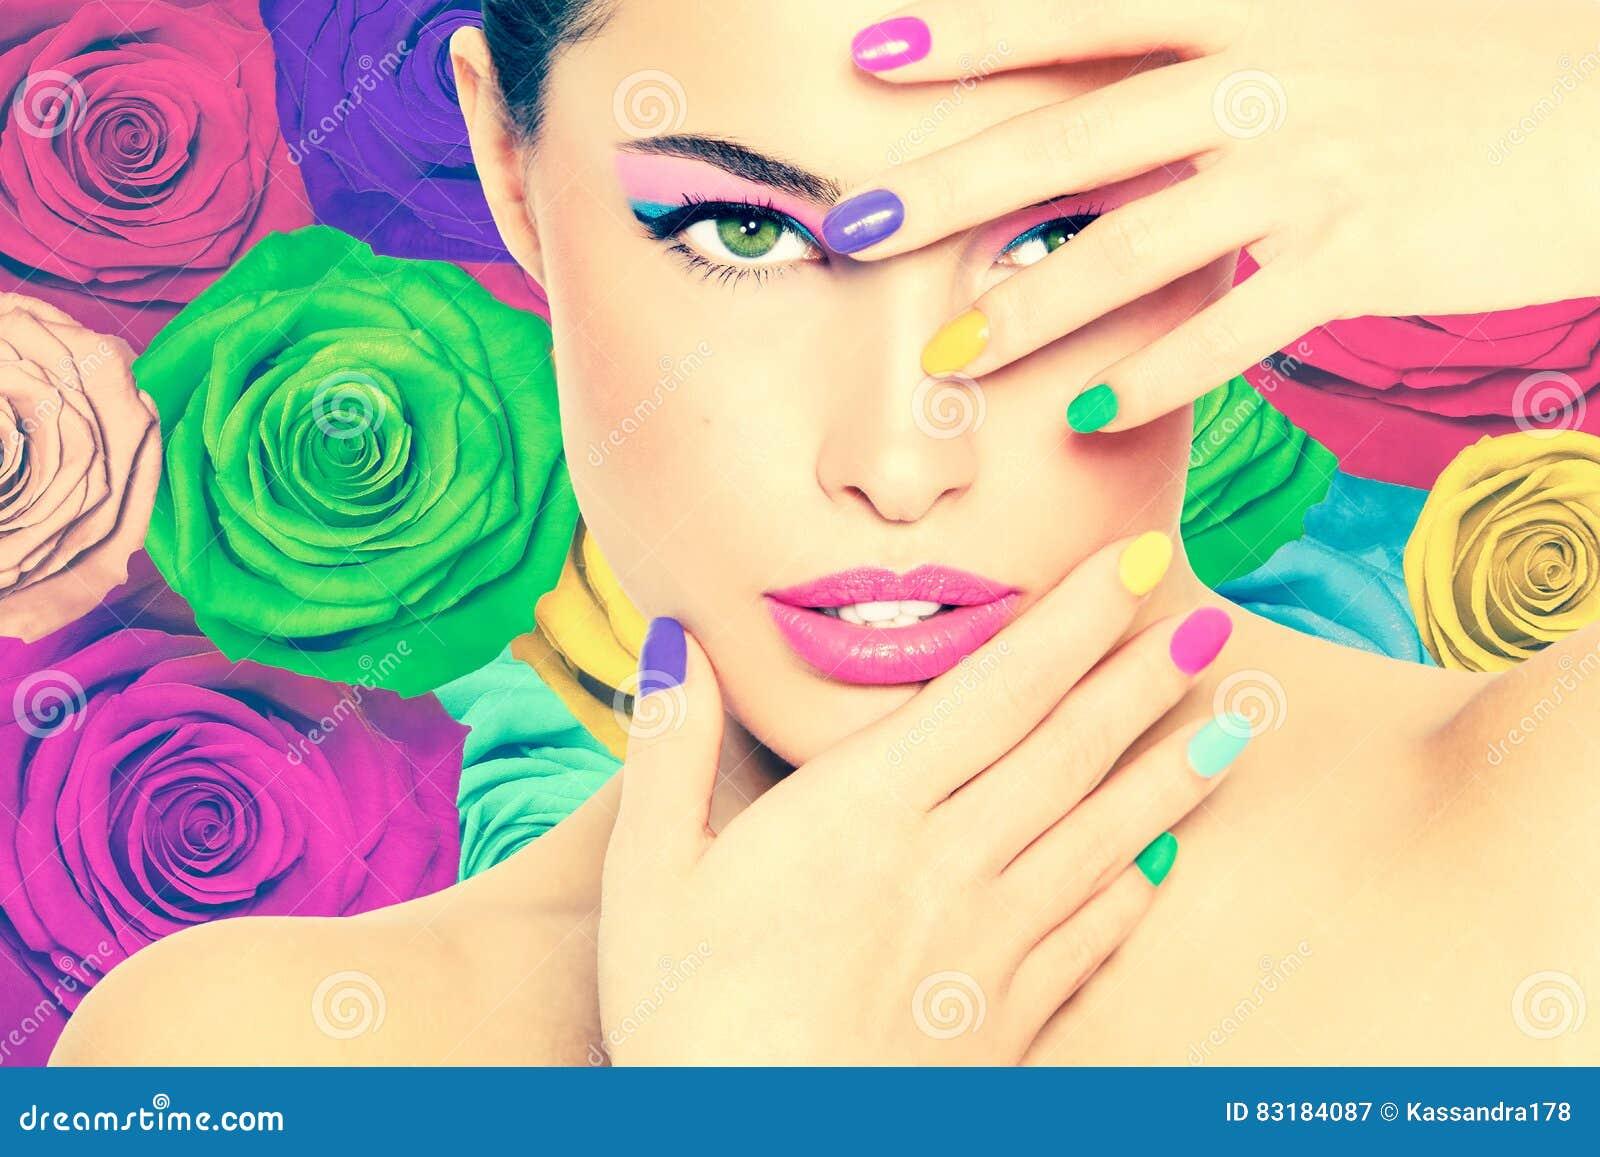 Красотка в цветах